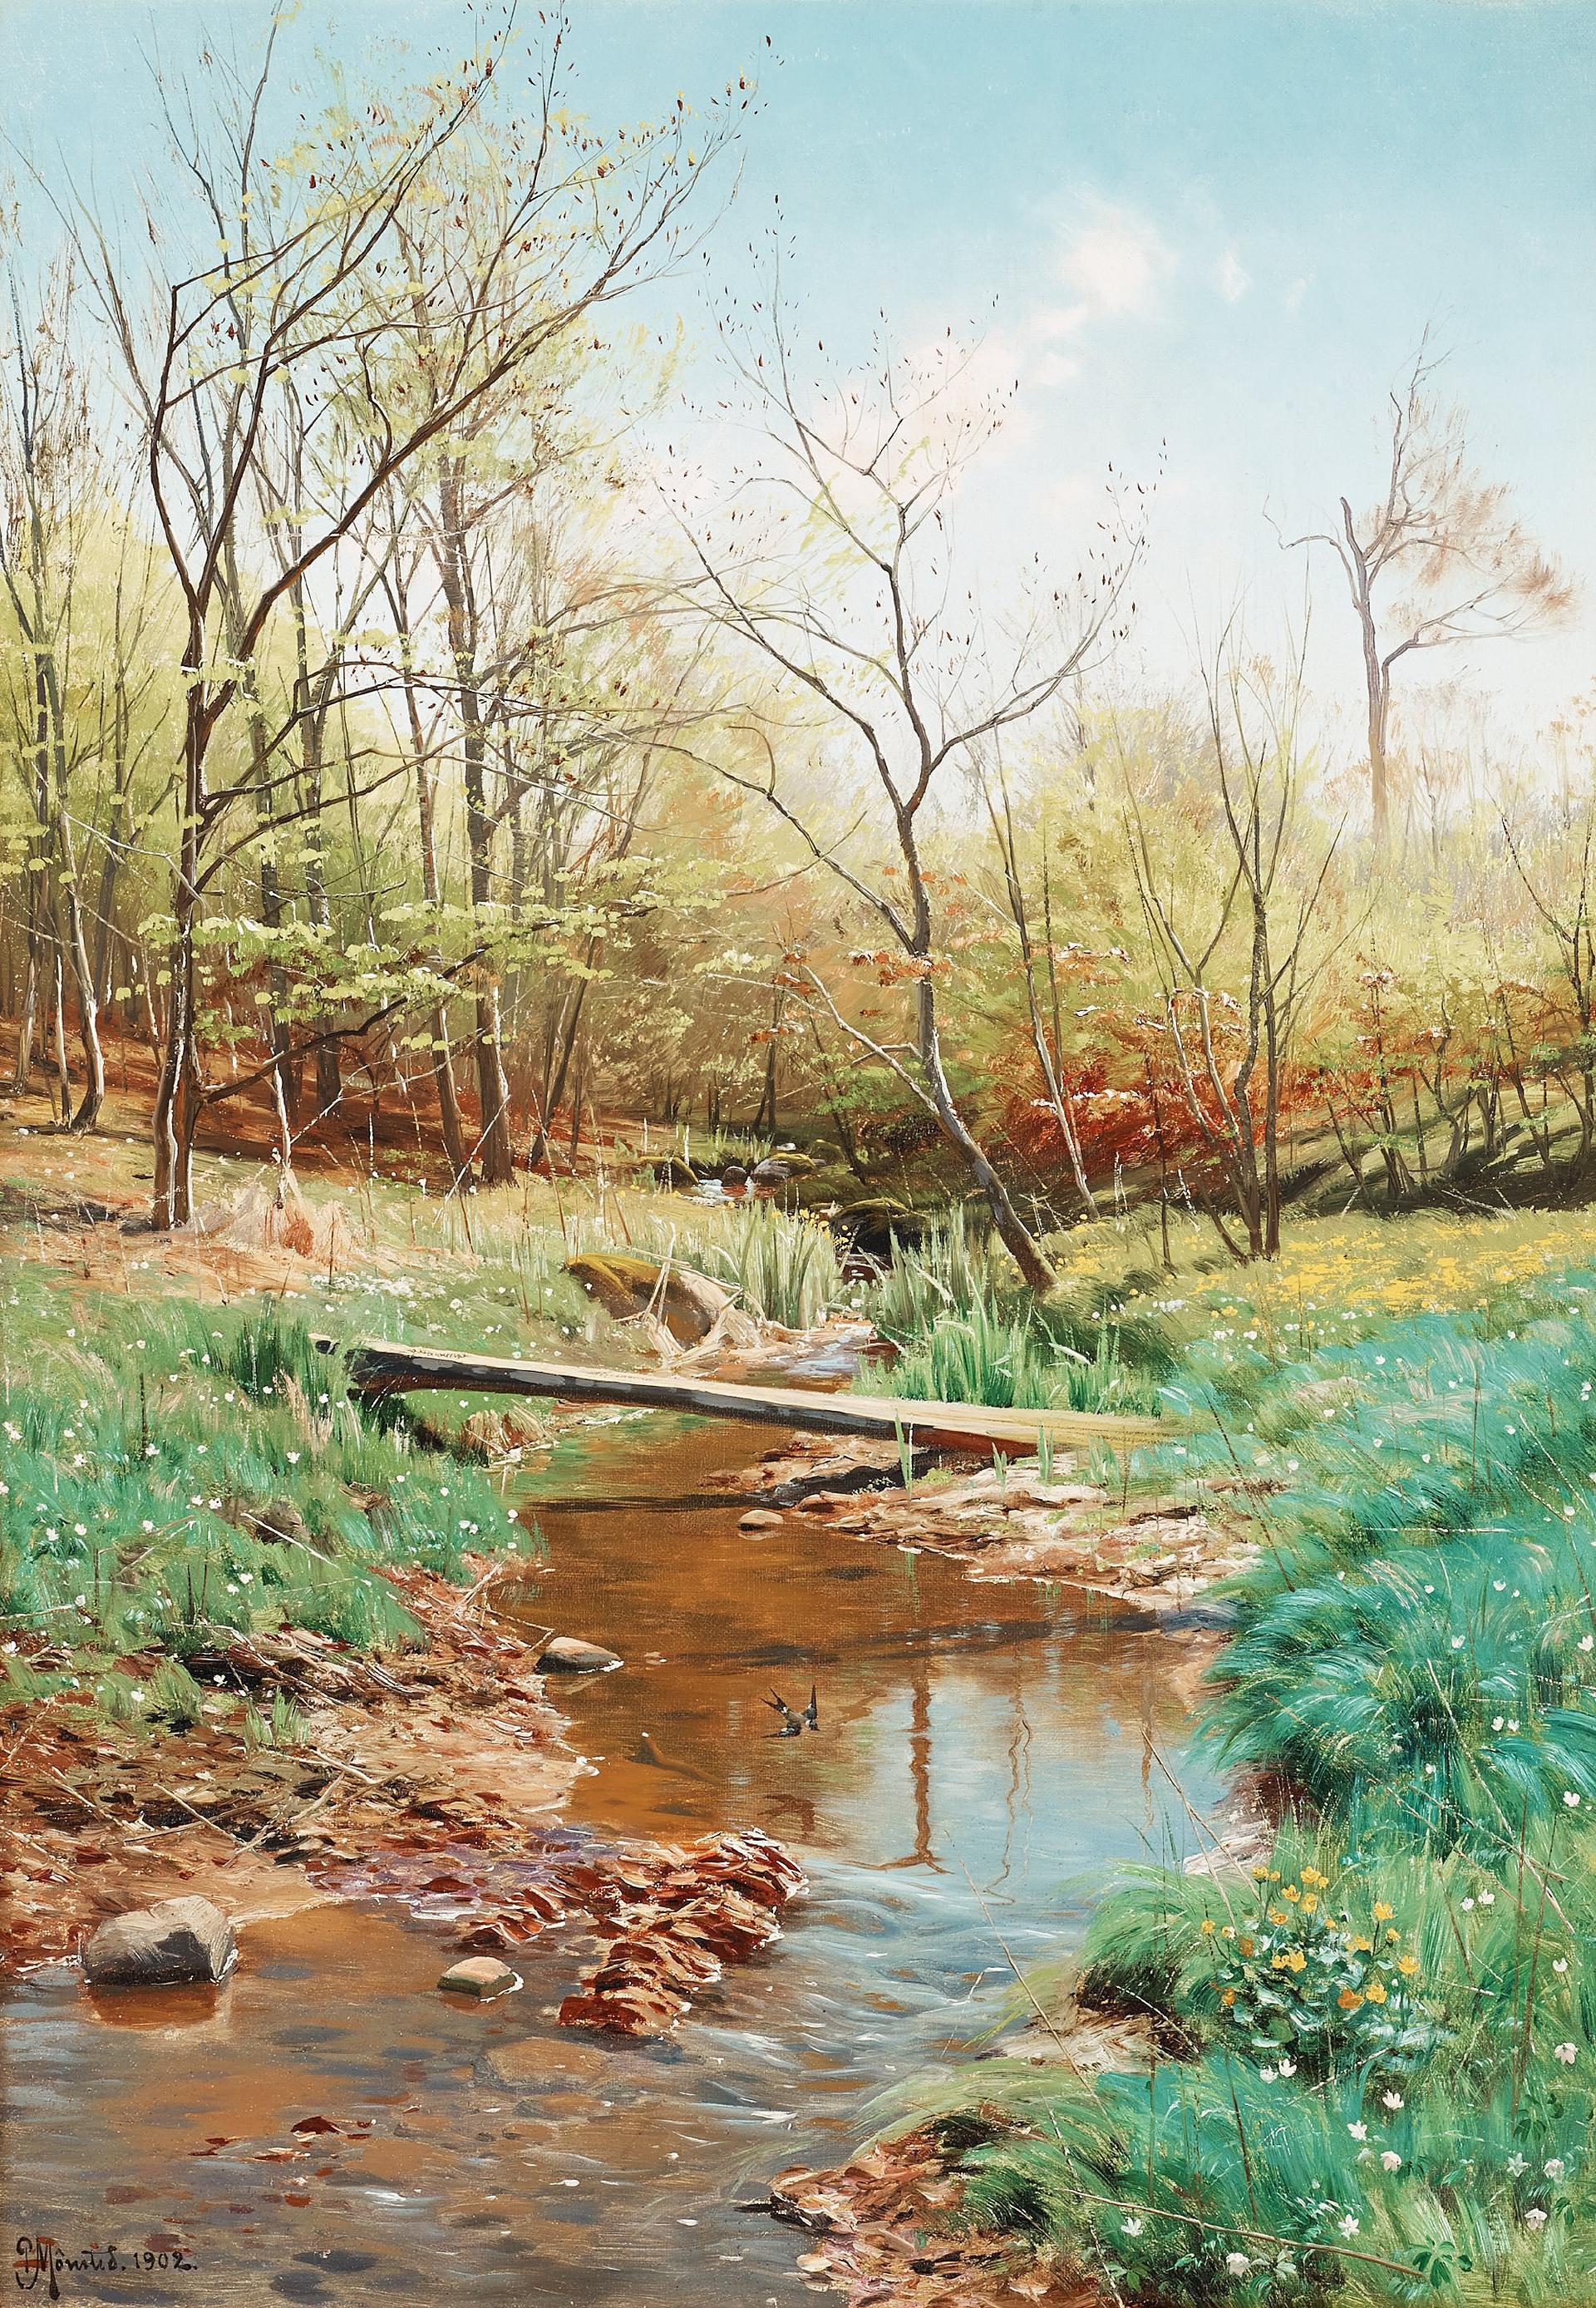 19世纪世界风景油画精选高清图集-919_1992x2880px_tif_300dpi_16_0